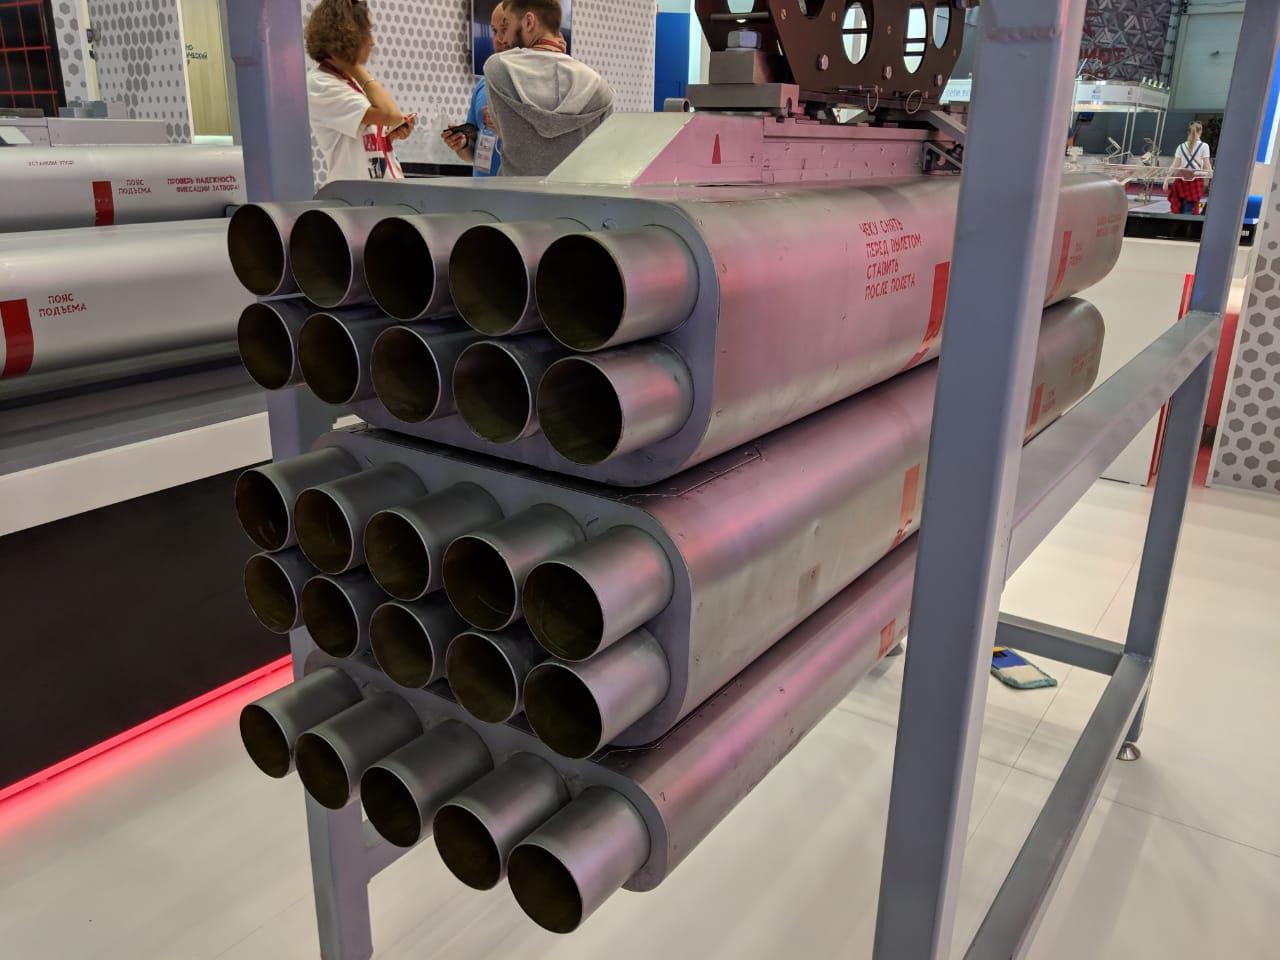 Новые пусковые установки 80-мм неуправляемых авиационных ракет С-8